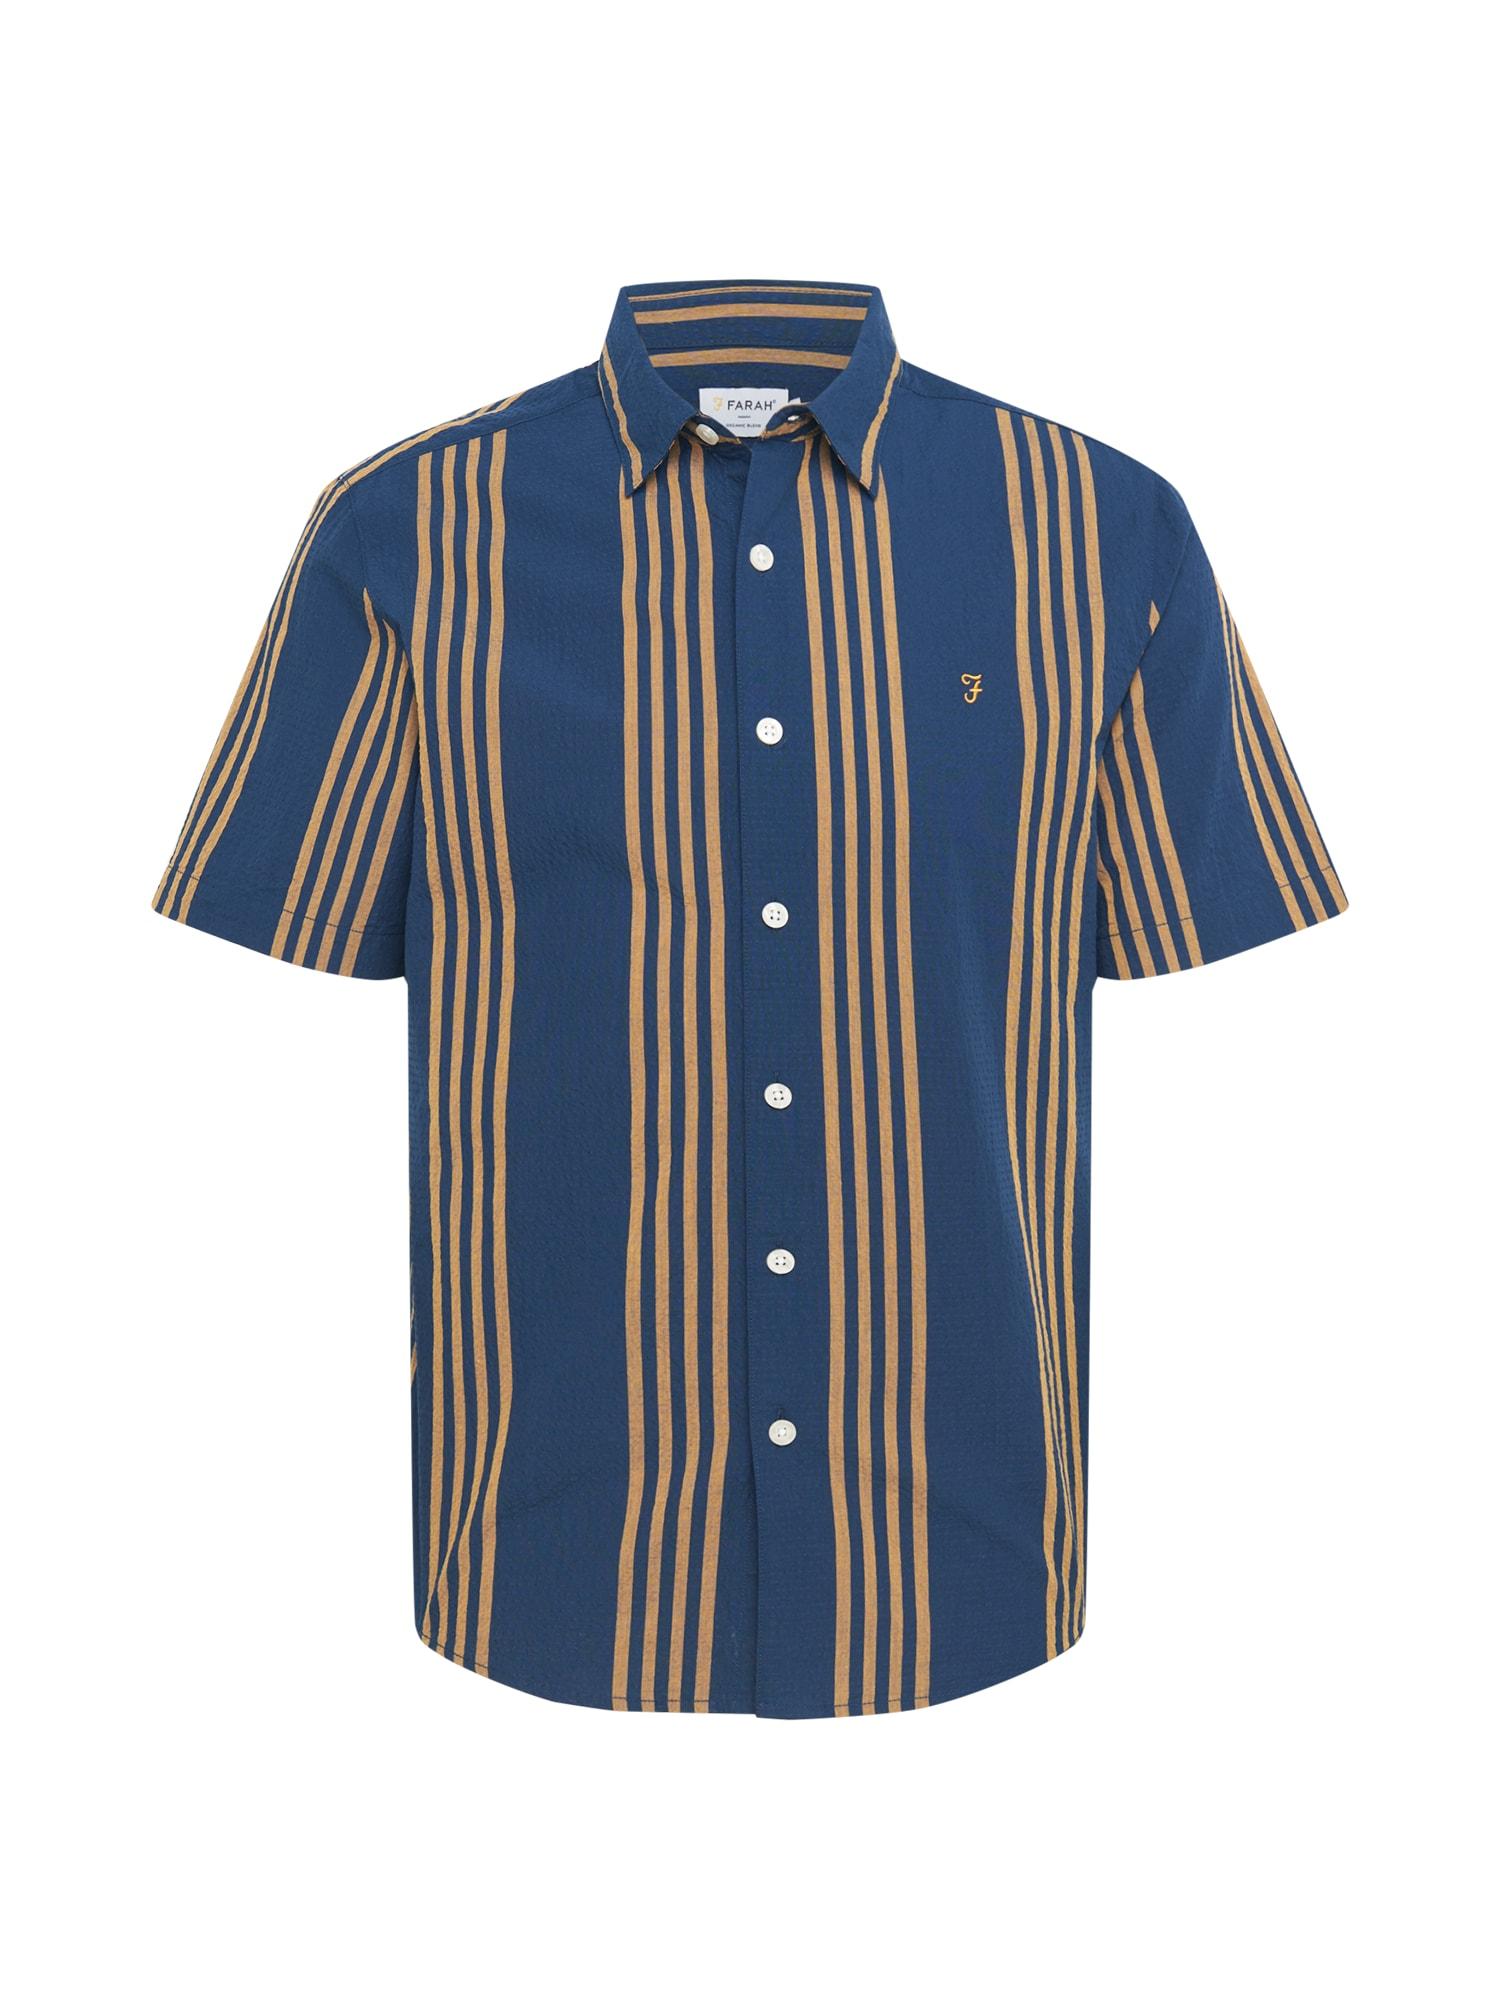 FARAH Marškiniai